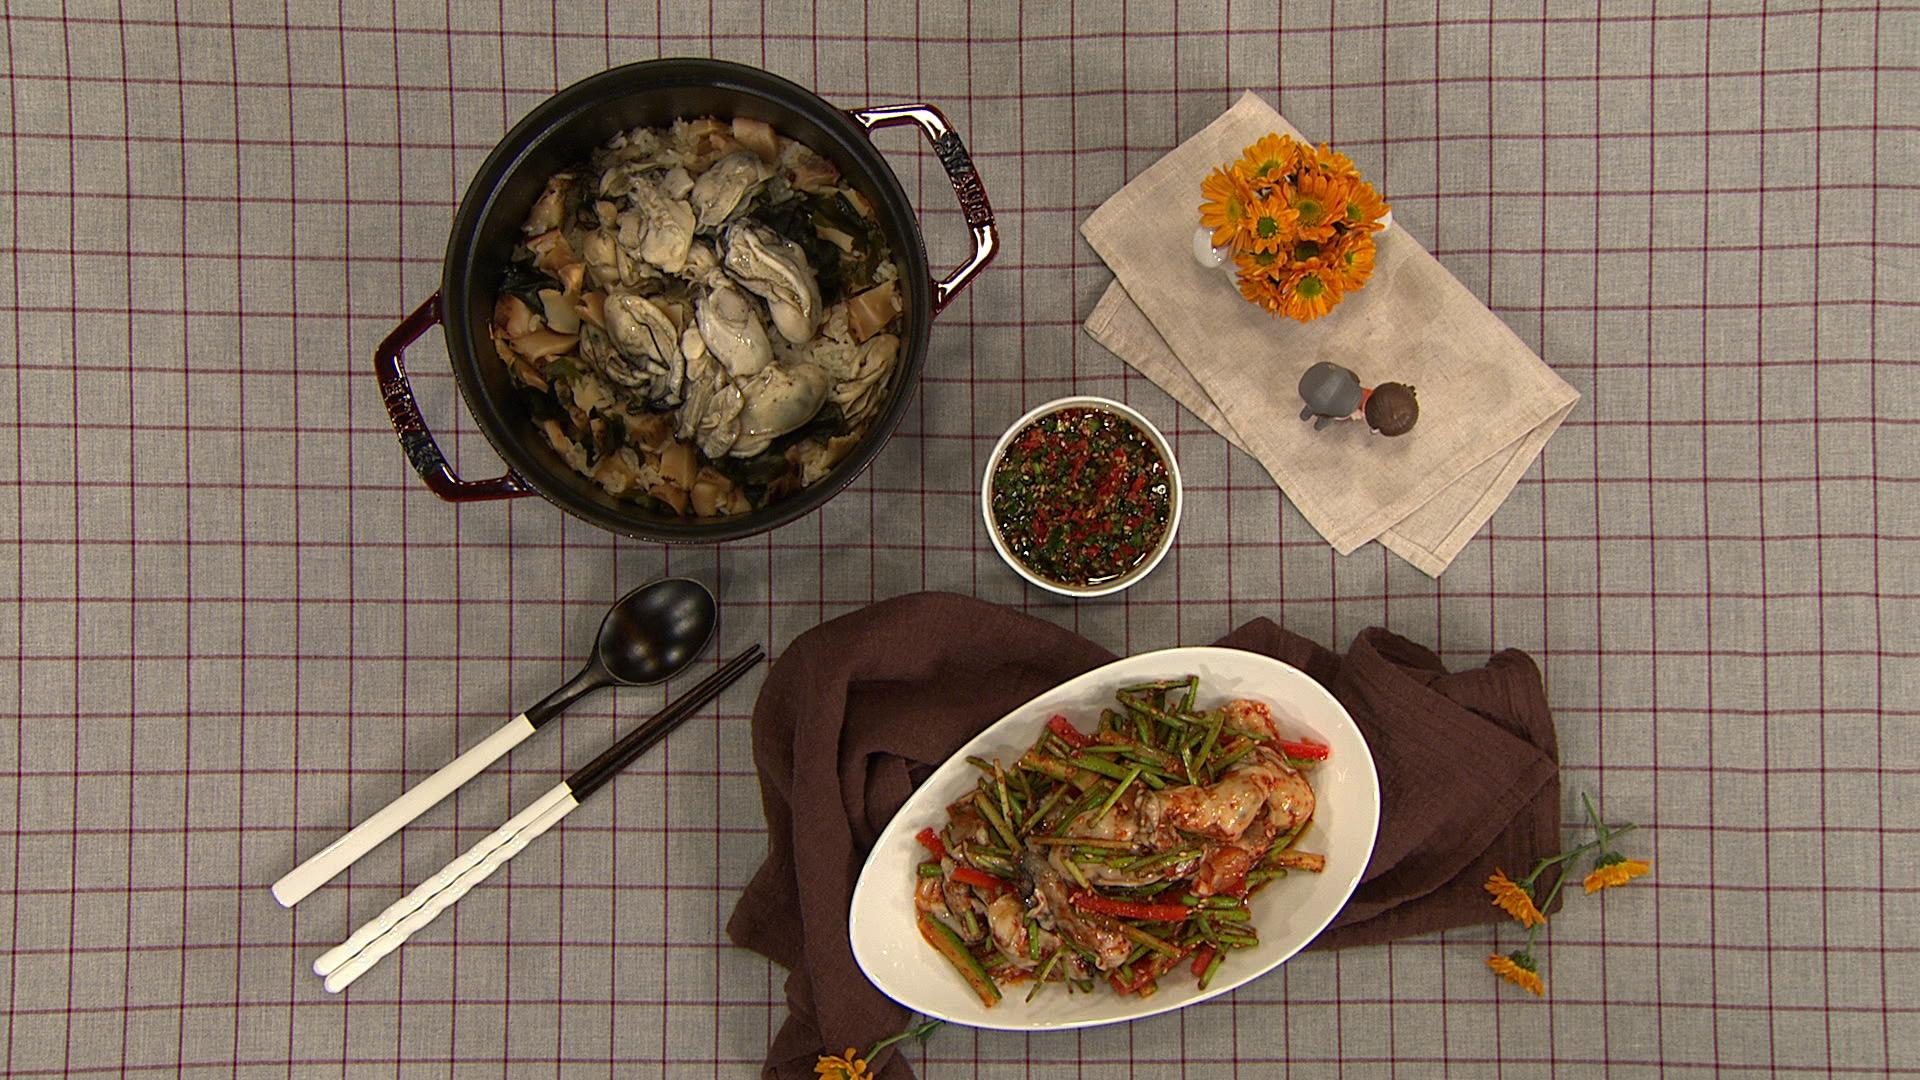 최고의 요리비결 - 최진흔의 굴밥과 굴무침